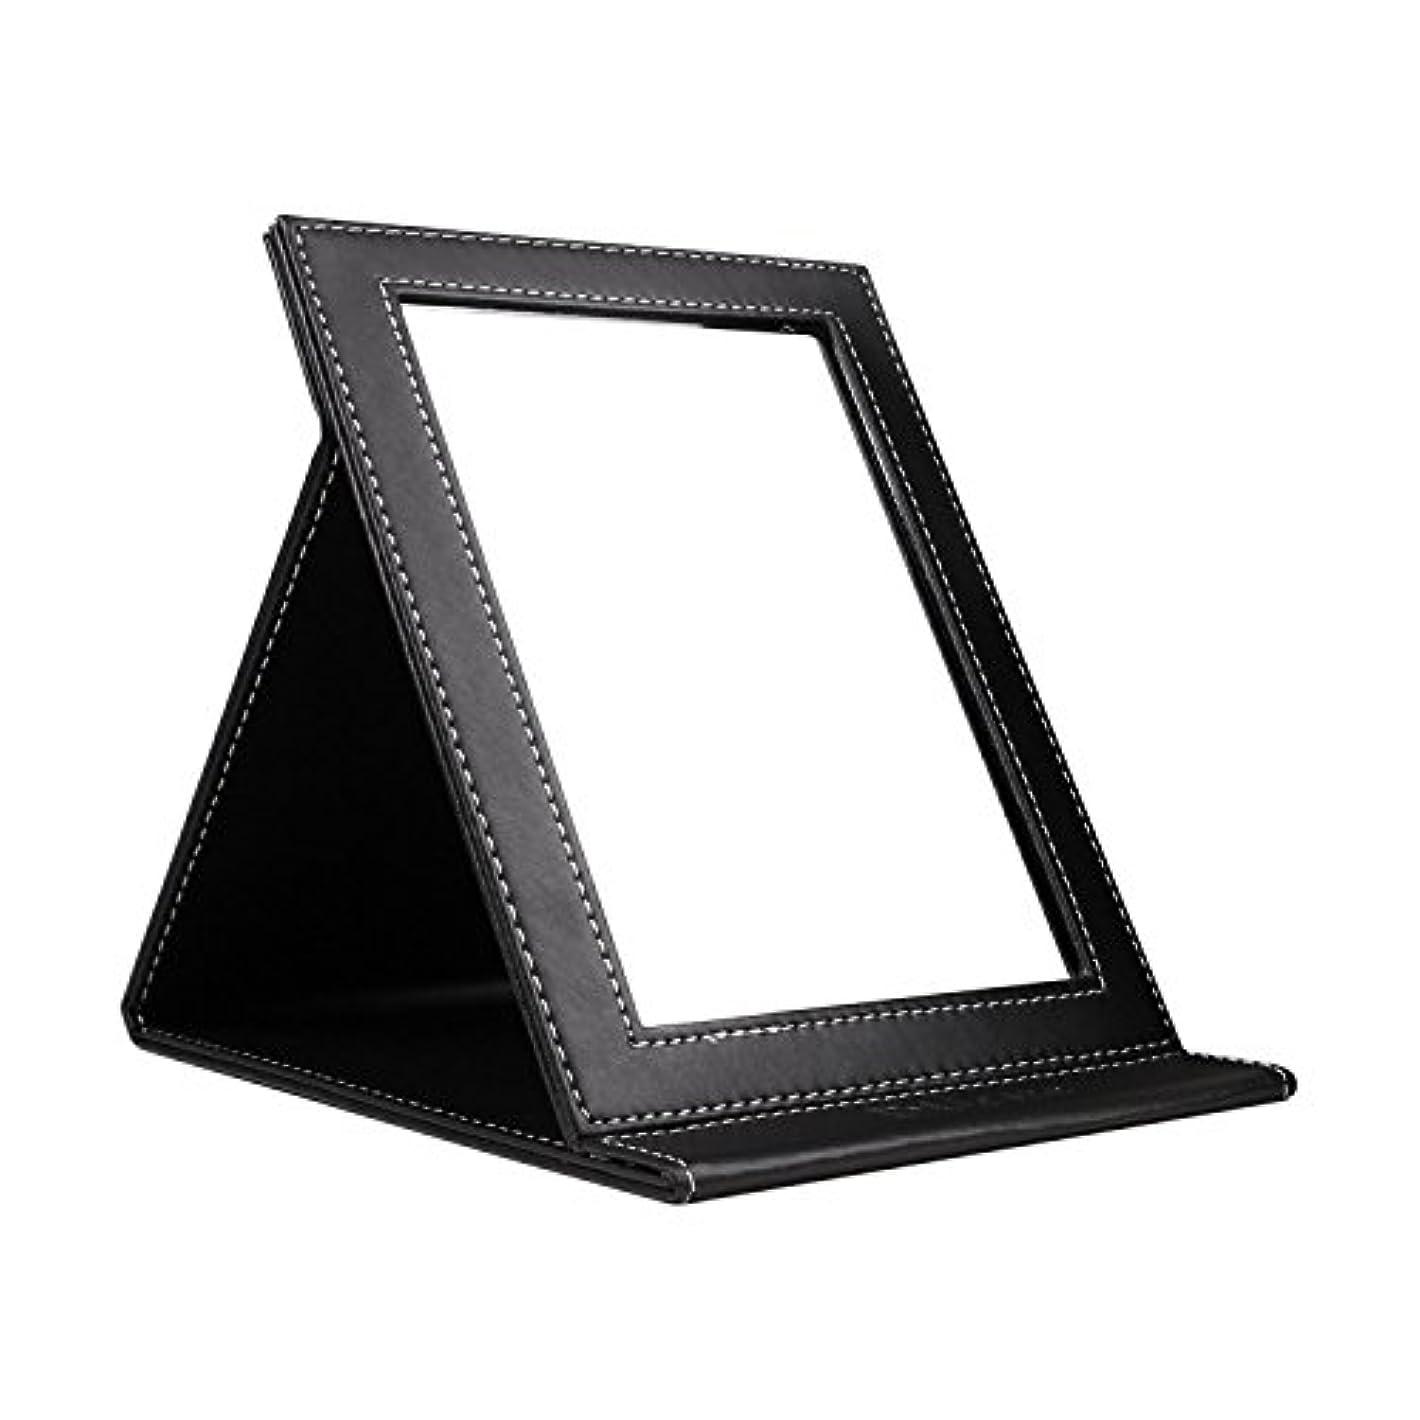 マーティフィールディング濃度薄汚いDUcare ドゥケア 化粧鏡 スタンドミラー 折りたたみ式 角度調整自由自在 上質PUレザー使用